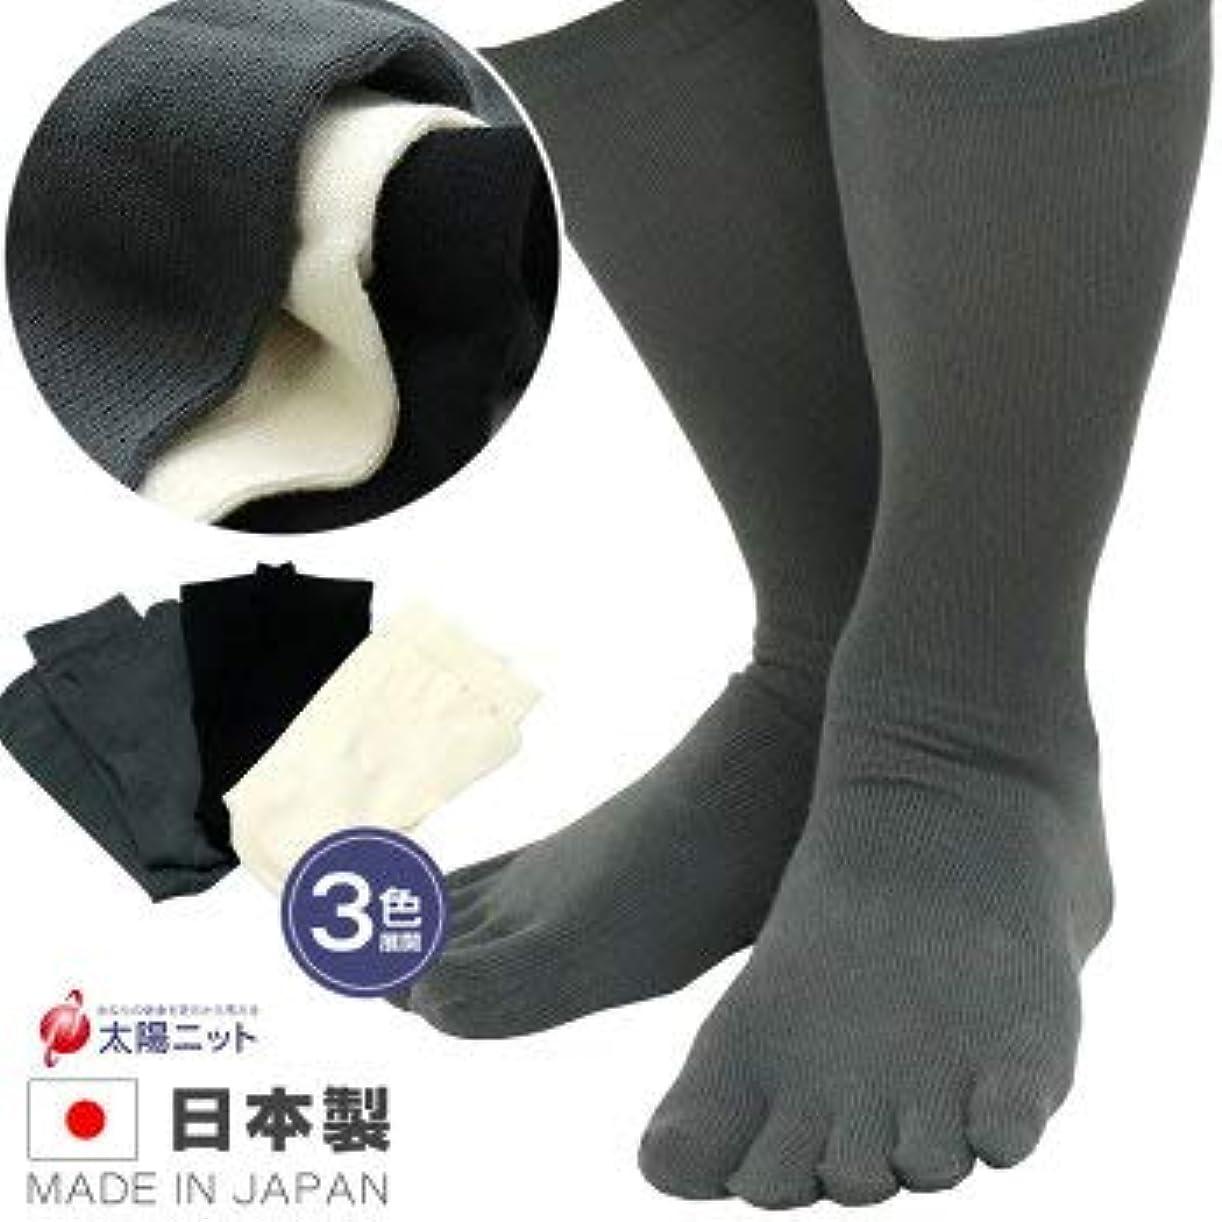 歌手シーボード海港男性用 綿100% 5本指 靴下 におい ムレ 対策 24-26㎝ 太陽ニッ ト321 (グレー)